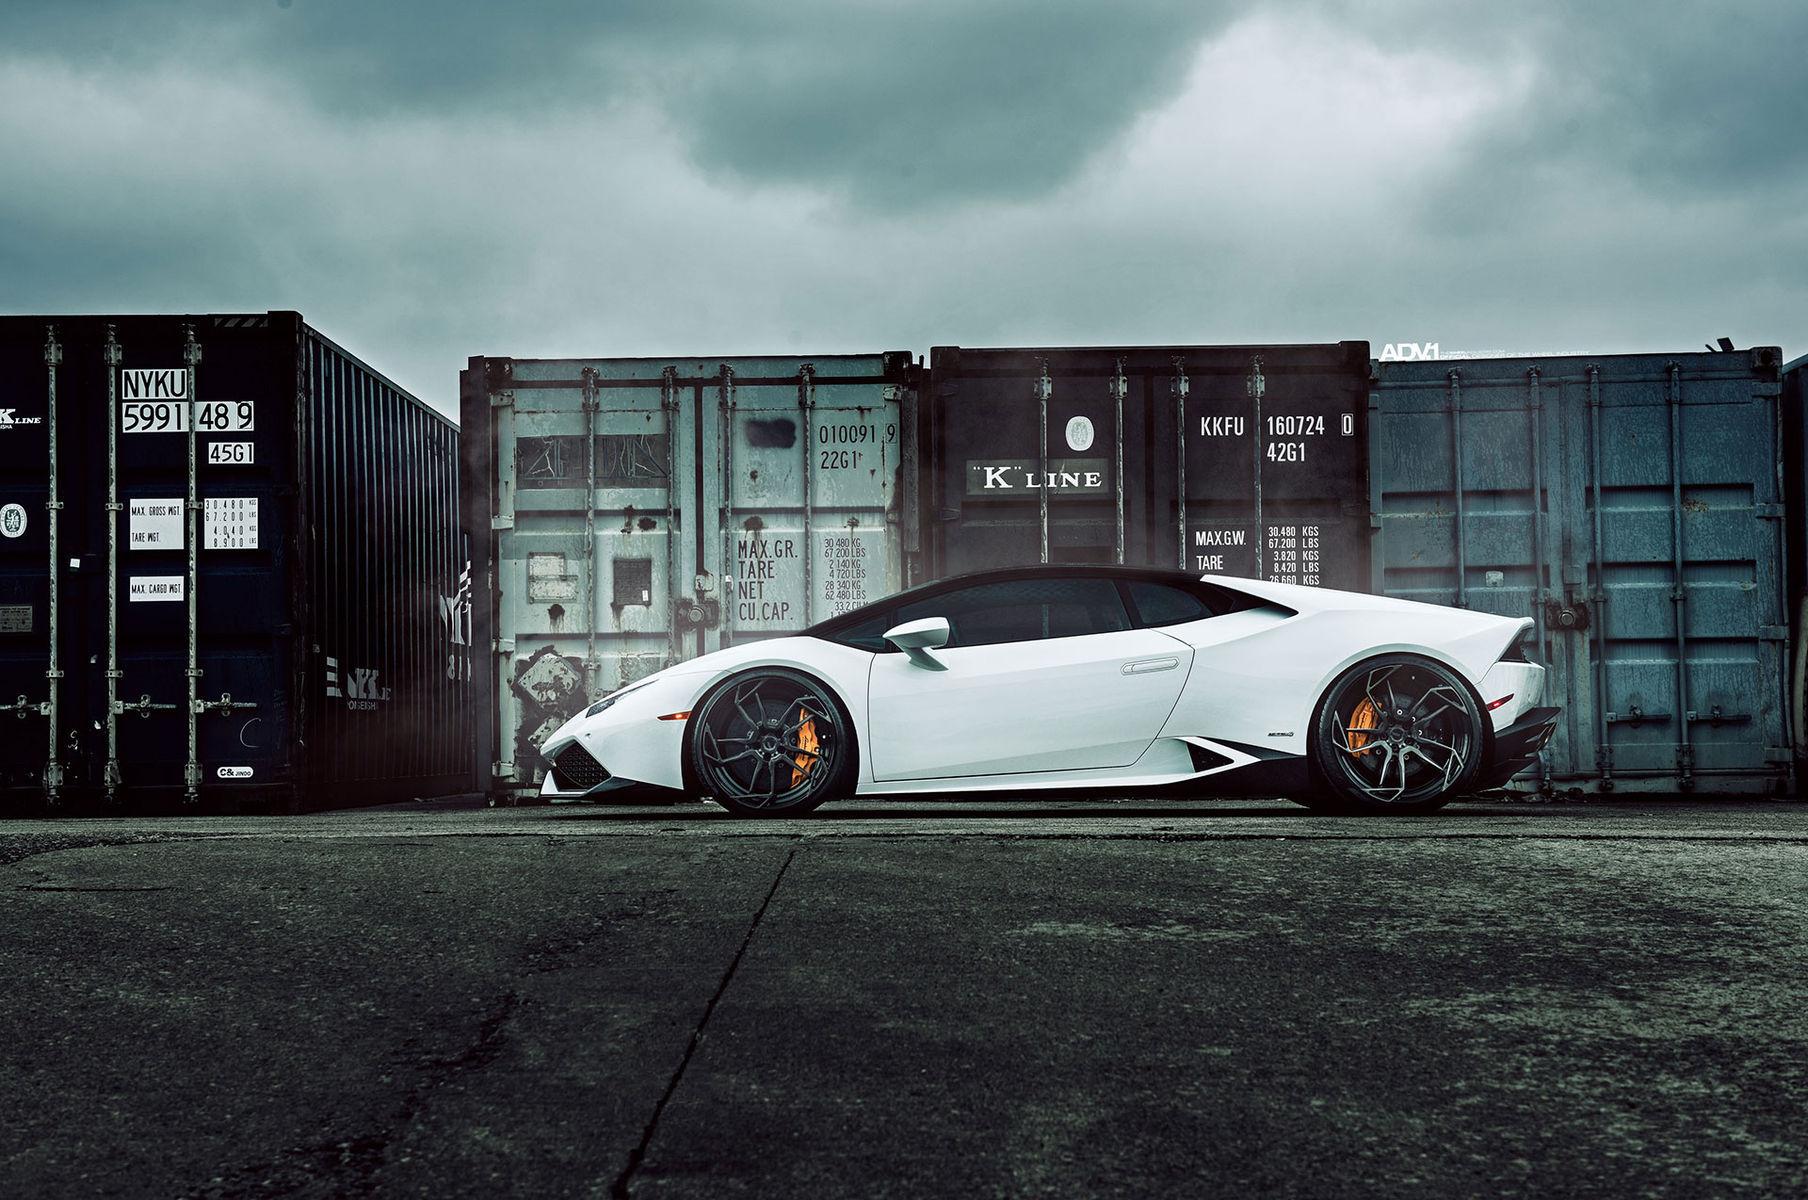 2017 Lamborghini Huracan | ADV.1 Lamborghini Huracan LP610-4